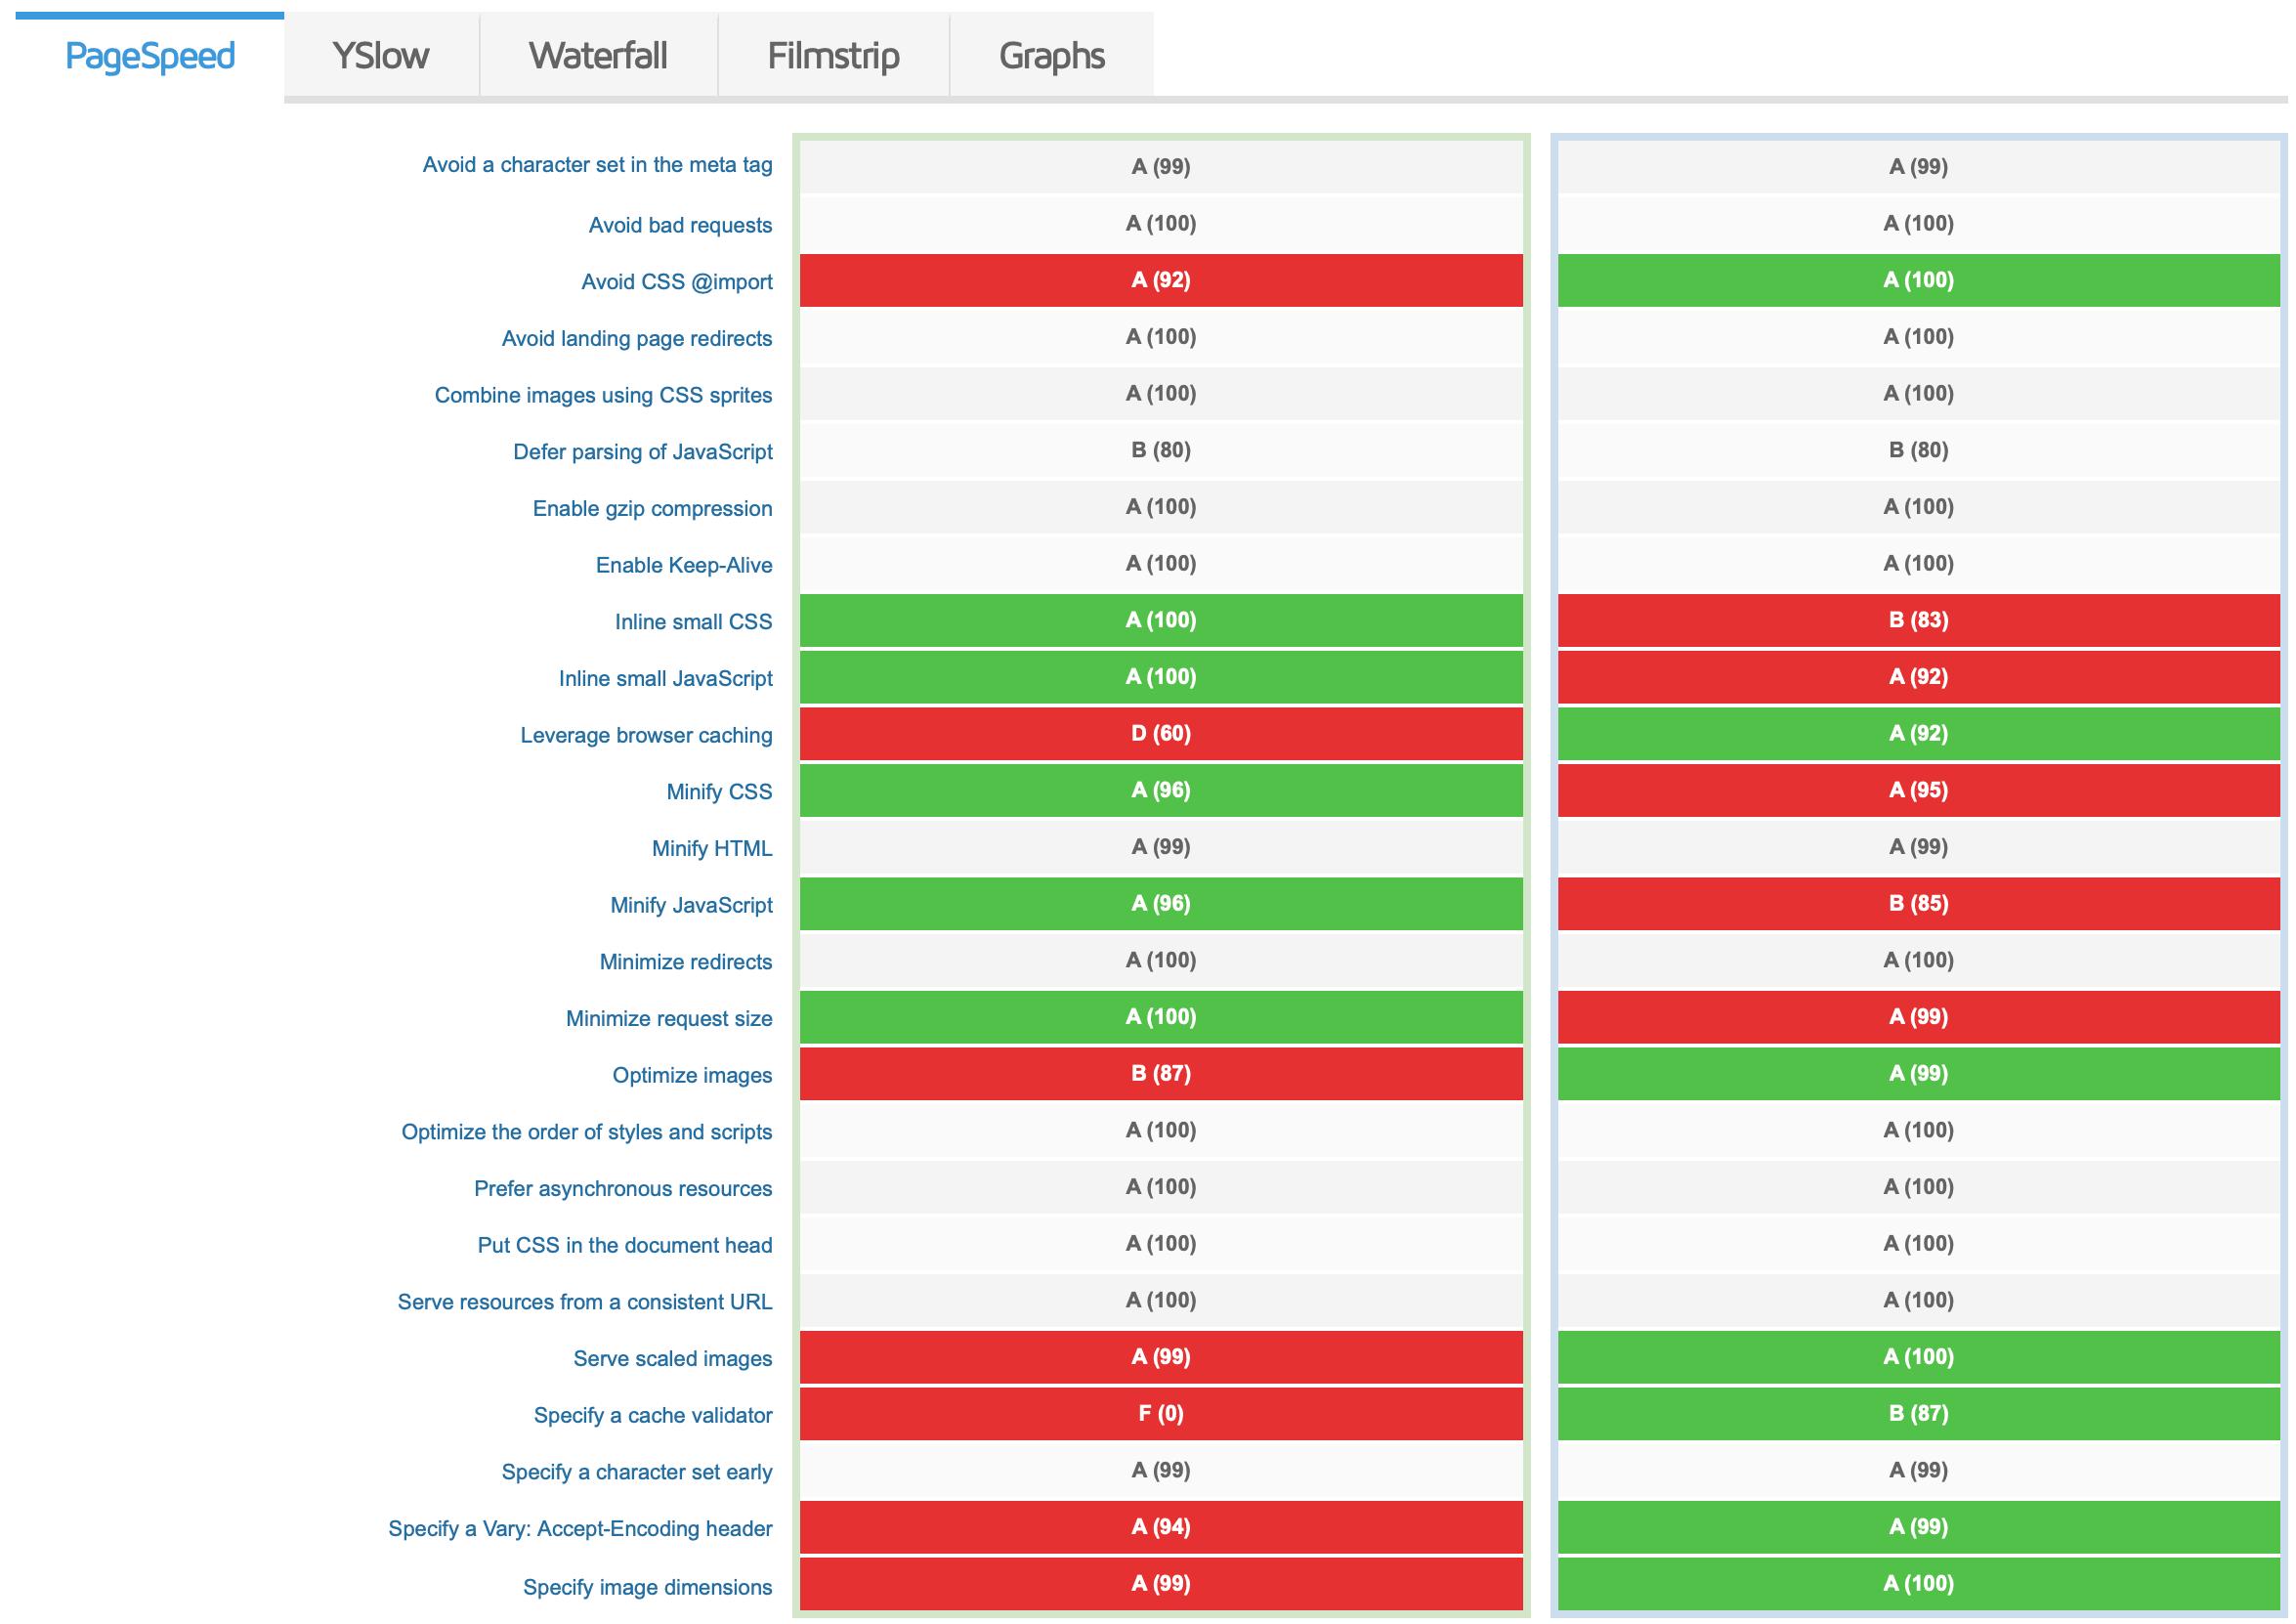 PageSpeed Grade